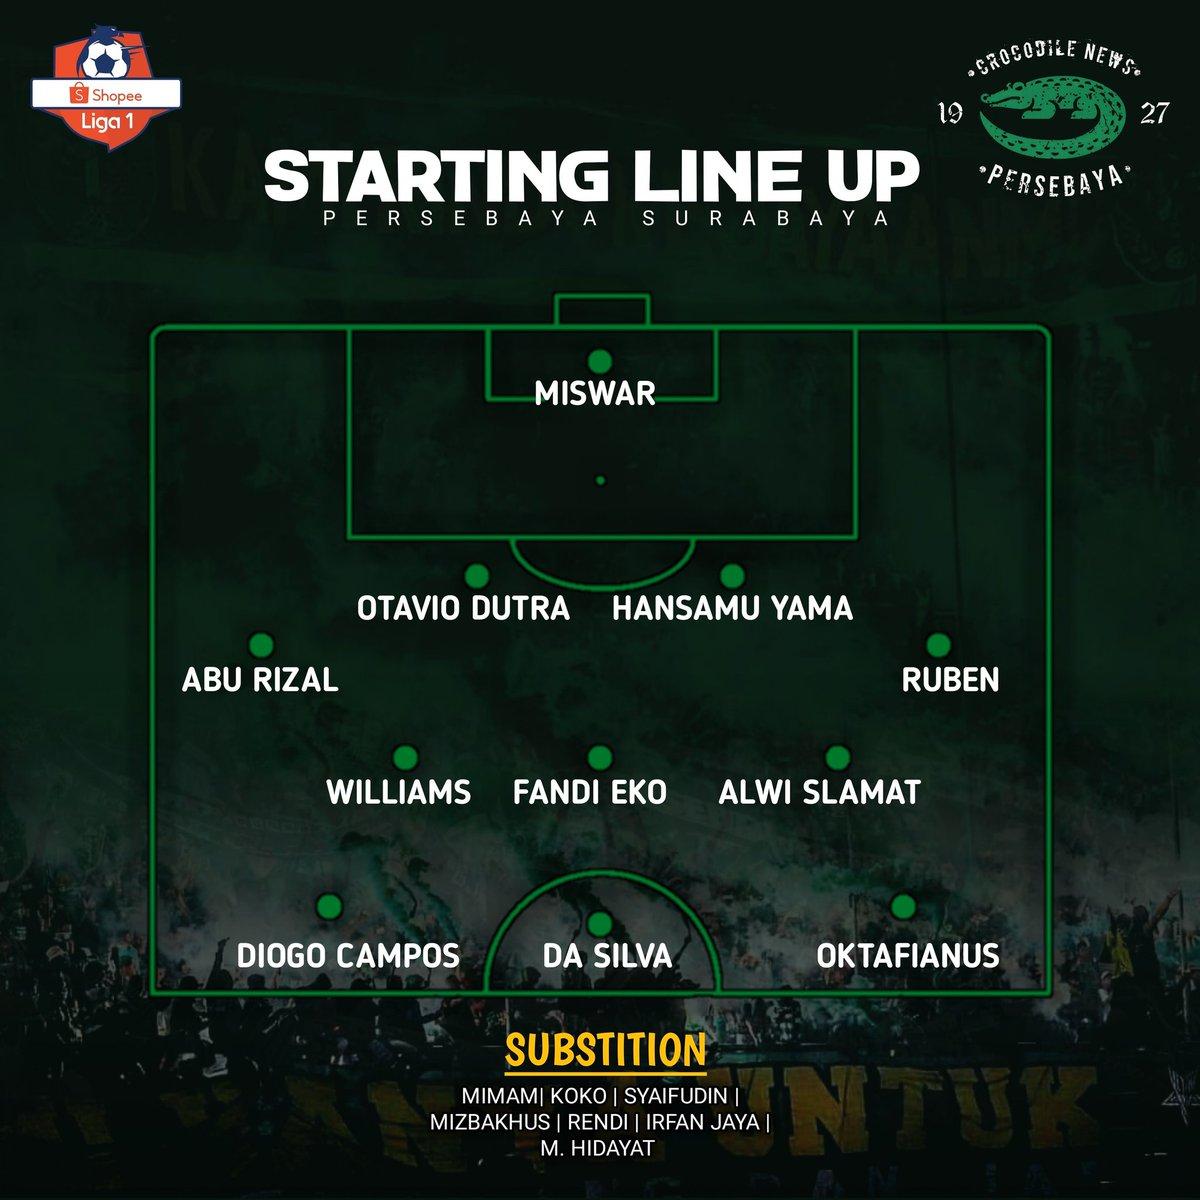 Starting Line Up Persebaya Surabaya menghadapi Arema FC .  Dengan Starting yang diturunin Coach Aji seperti ini. Akankah bisa 3 poin sore ini? Menurutmu Lur? #Persebaya #bajolijo #greenforce #CrocodileNews #bonek #bonita #PersebayaDay